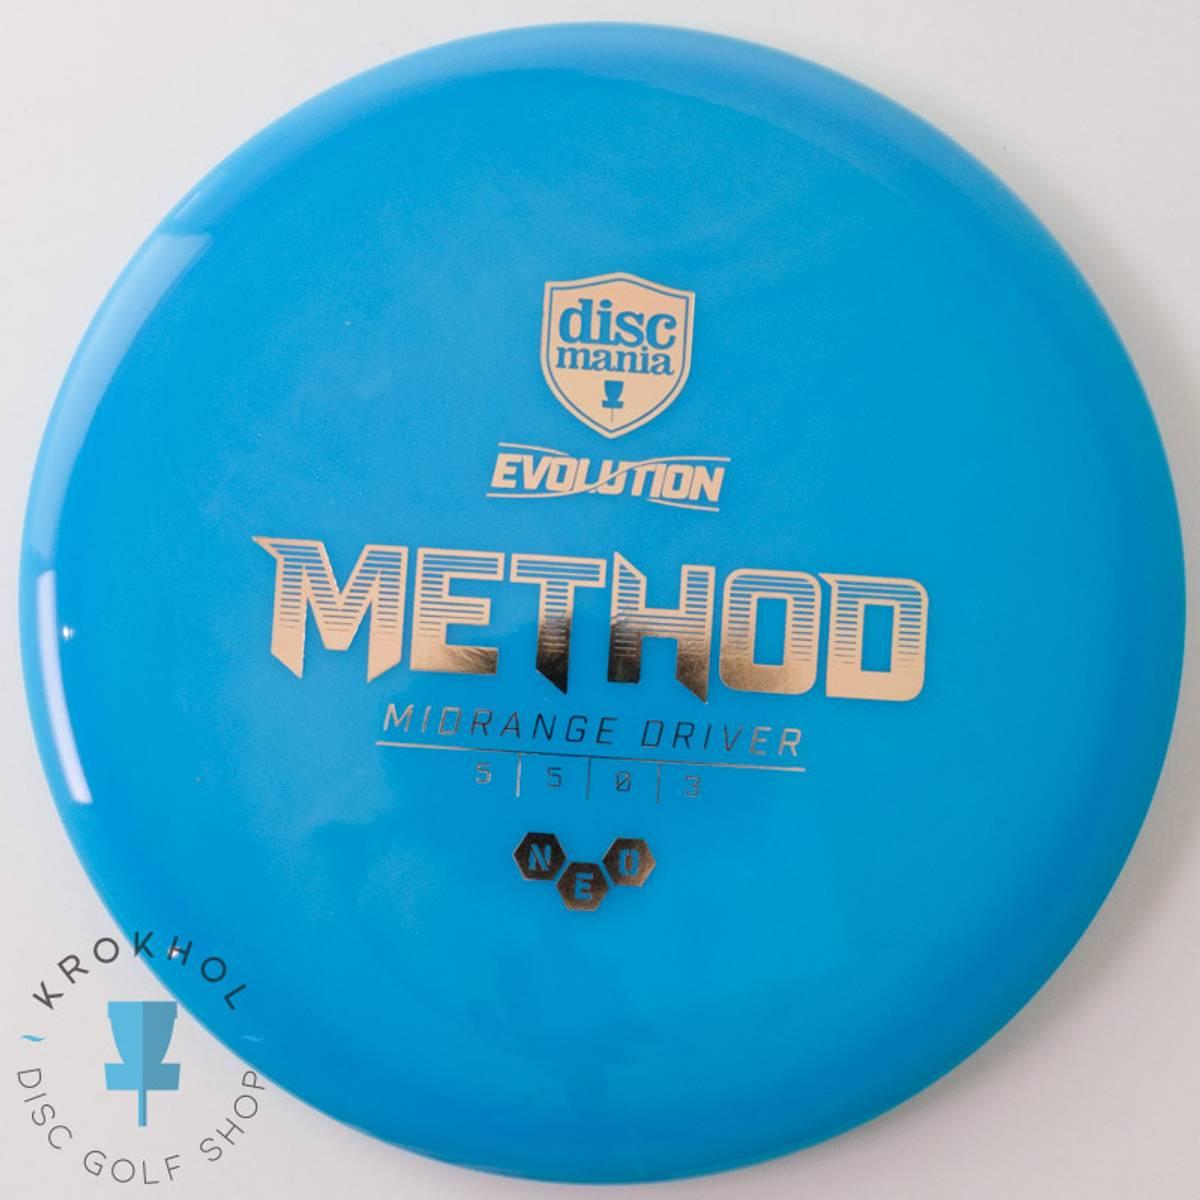 Neo Method